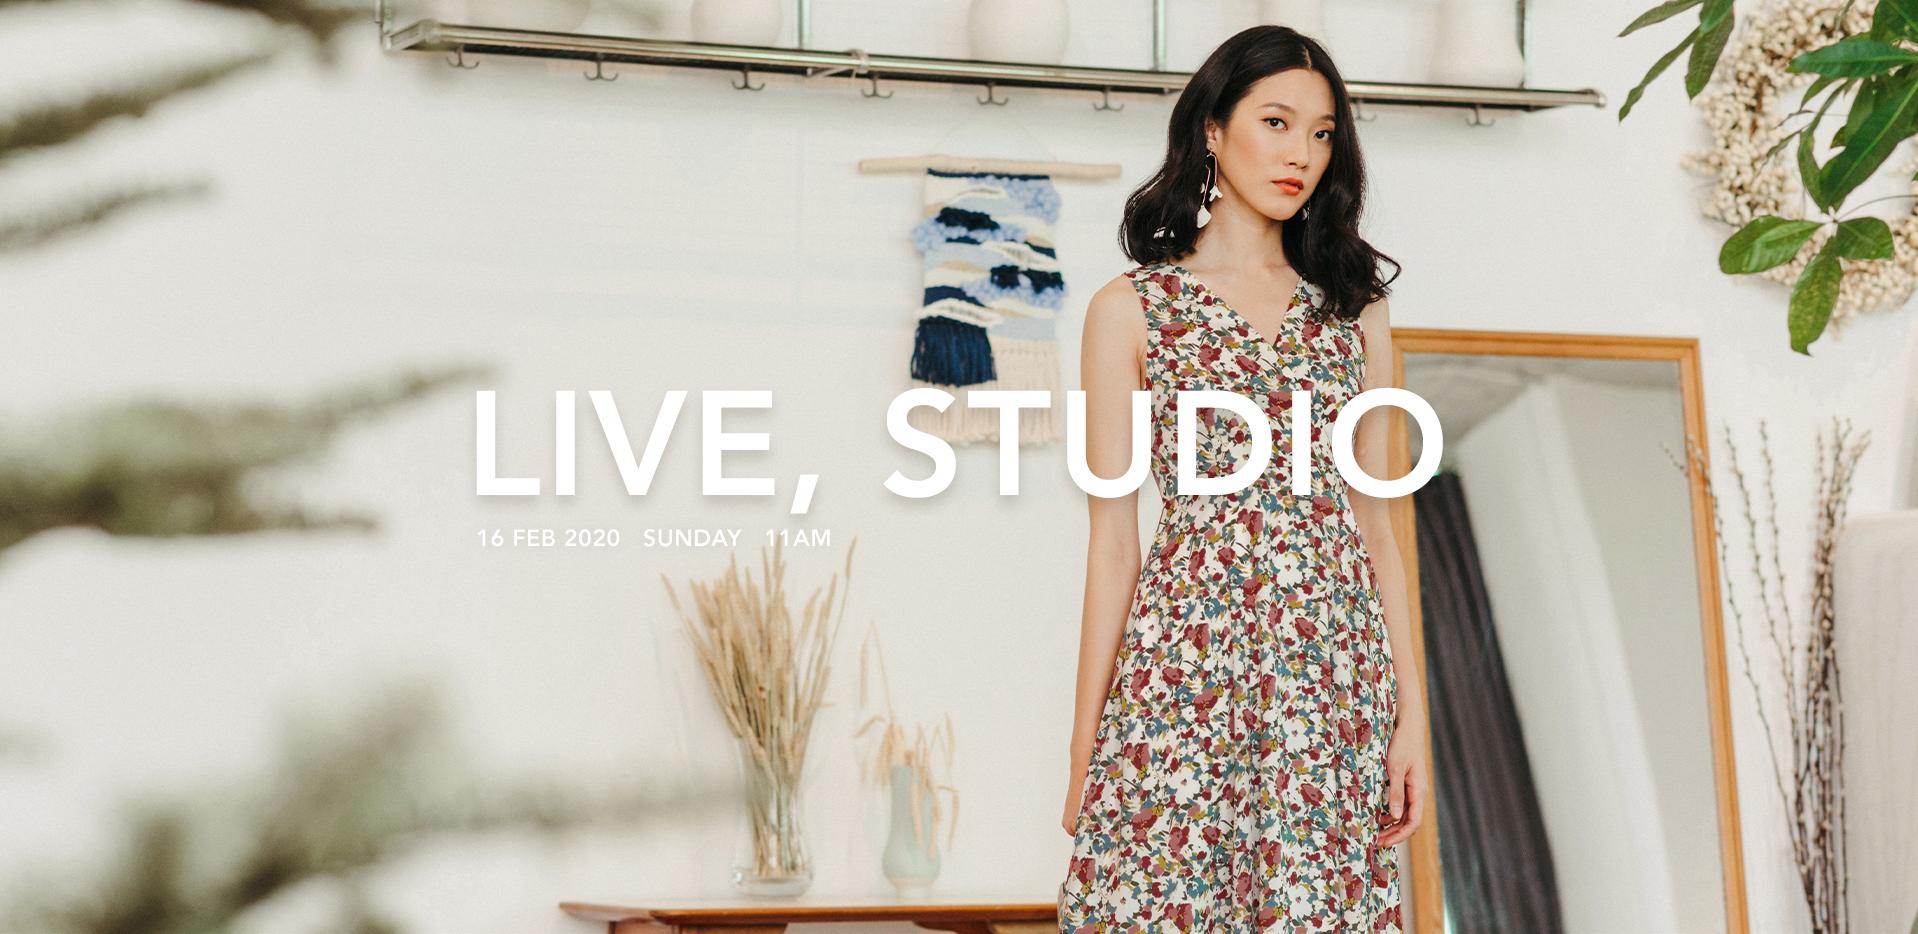 LIVE, STUDIO